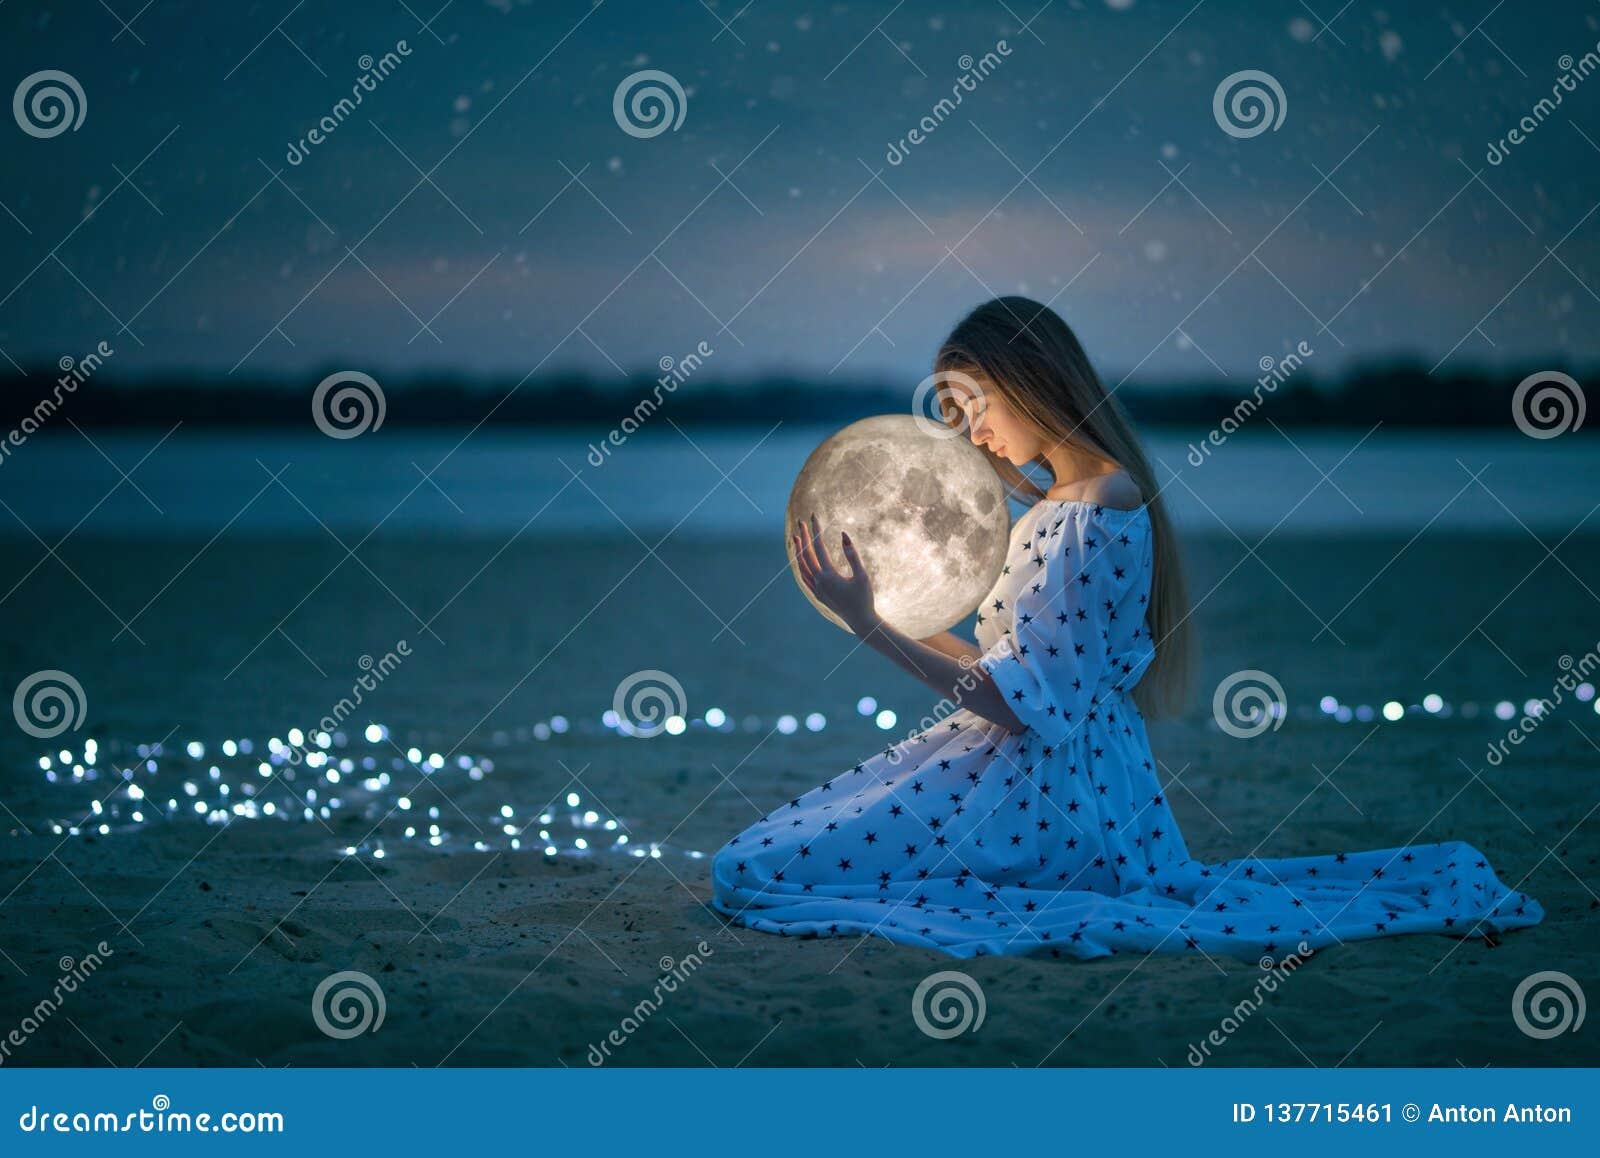 Het mooie aantrekkelijke meisje op een nachtstrand met zand en sterren koestert de maan, Artistieke Fotografie